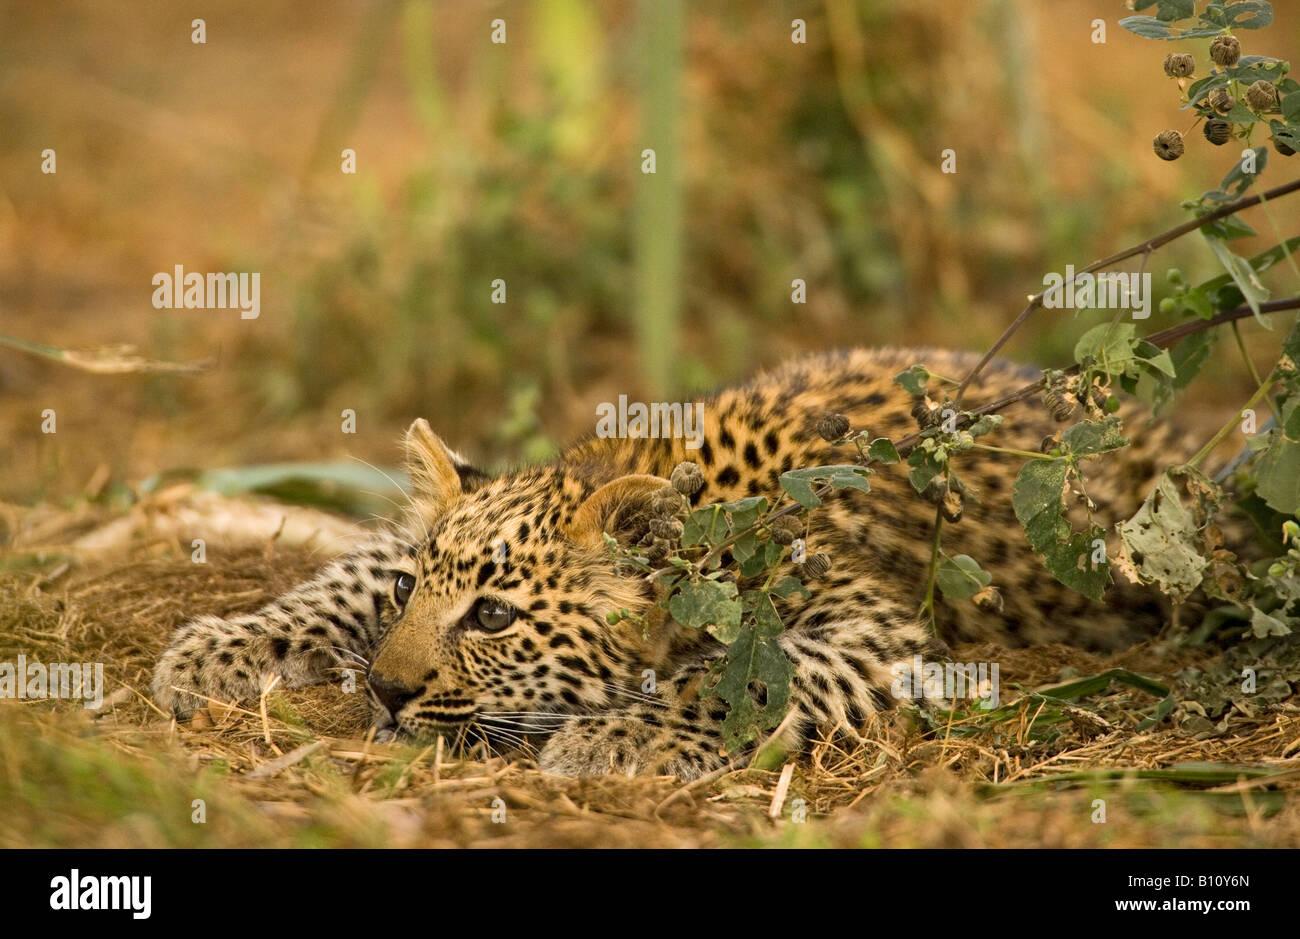 Closeup lindo bebé Leopard cub jugando en cuclillas observando atentamente listo para saltar por green bush enfrentan en la luz del sol hermosa luz de fondo suave Foto de stock